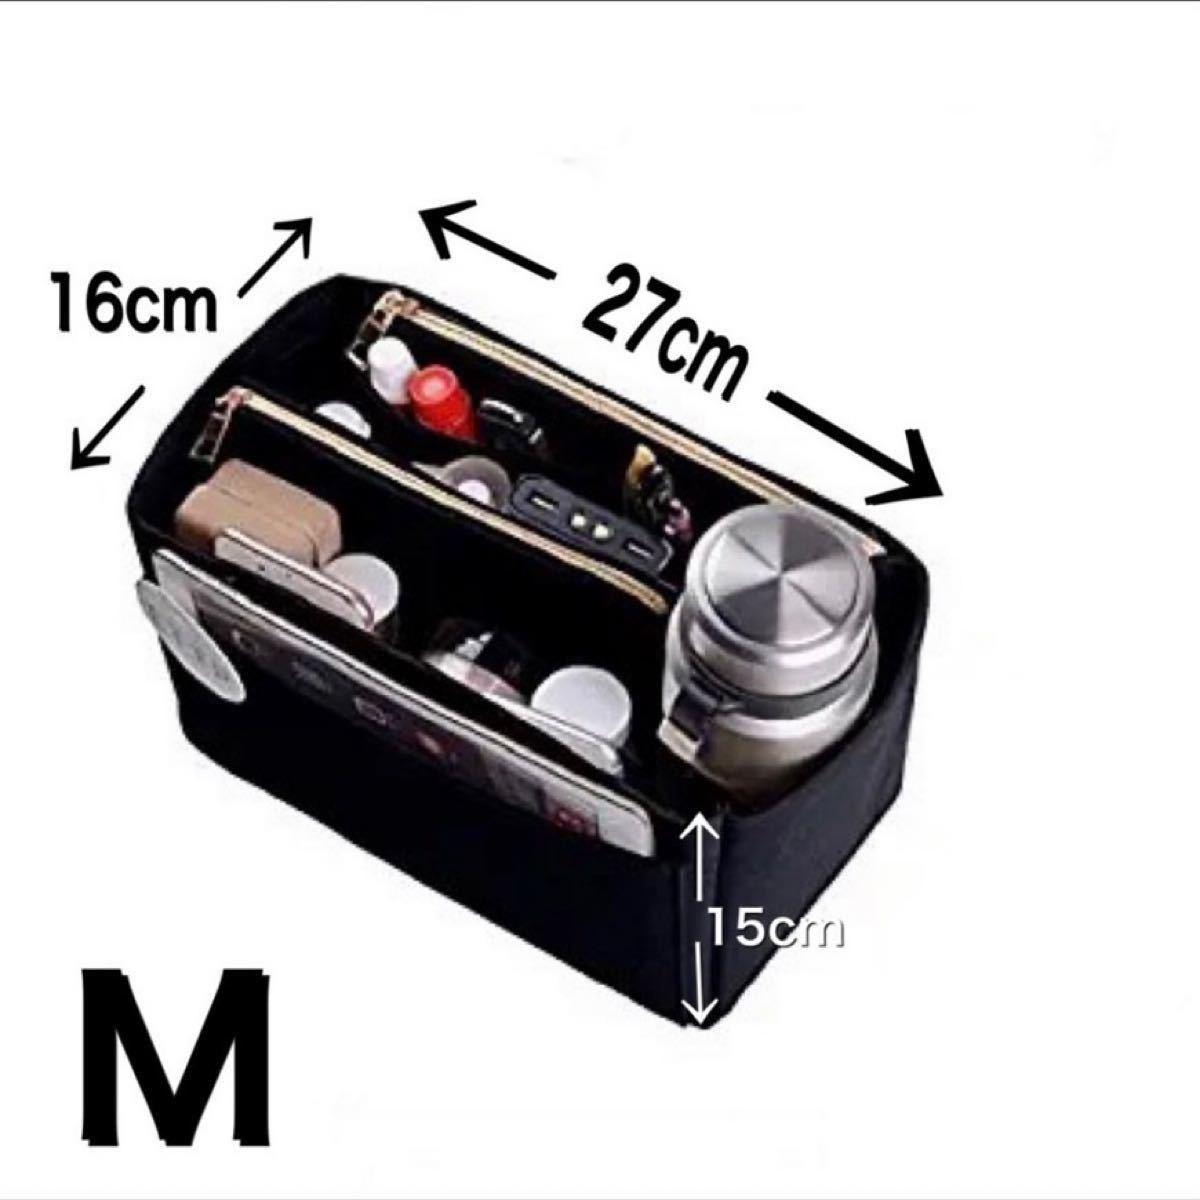 バッグインバッグ バッグ 収納 大容量 軽量 トートバッグ ハンドバッグ ポーチ メイクポーチ 旅行ポーチ 化粧ケース Mサイズ